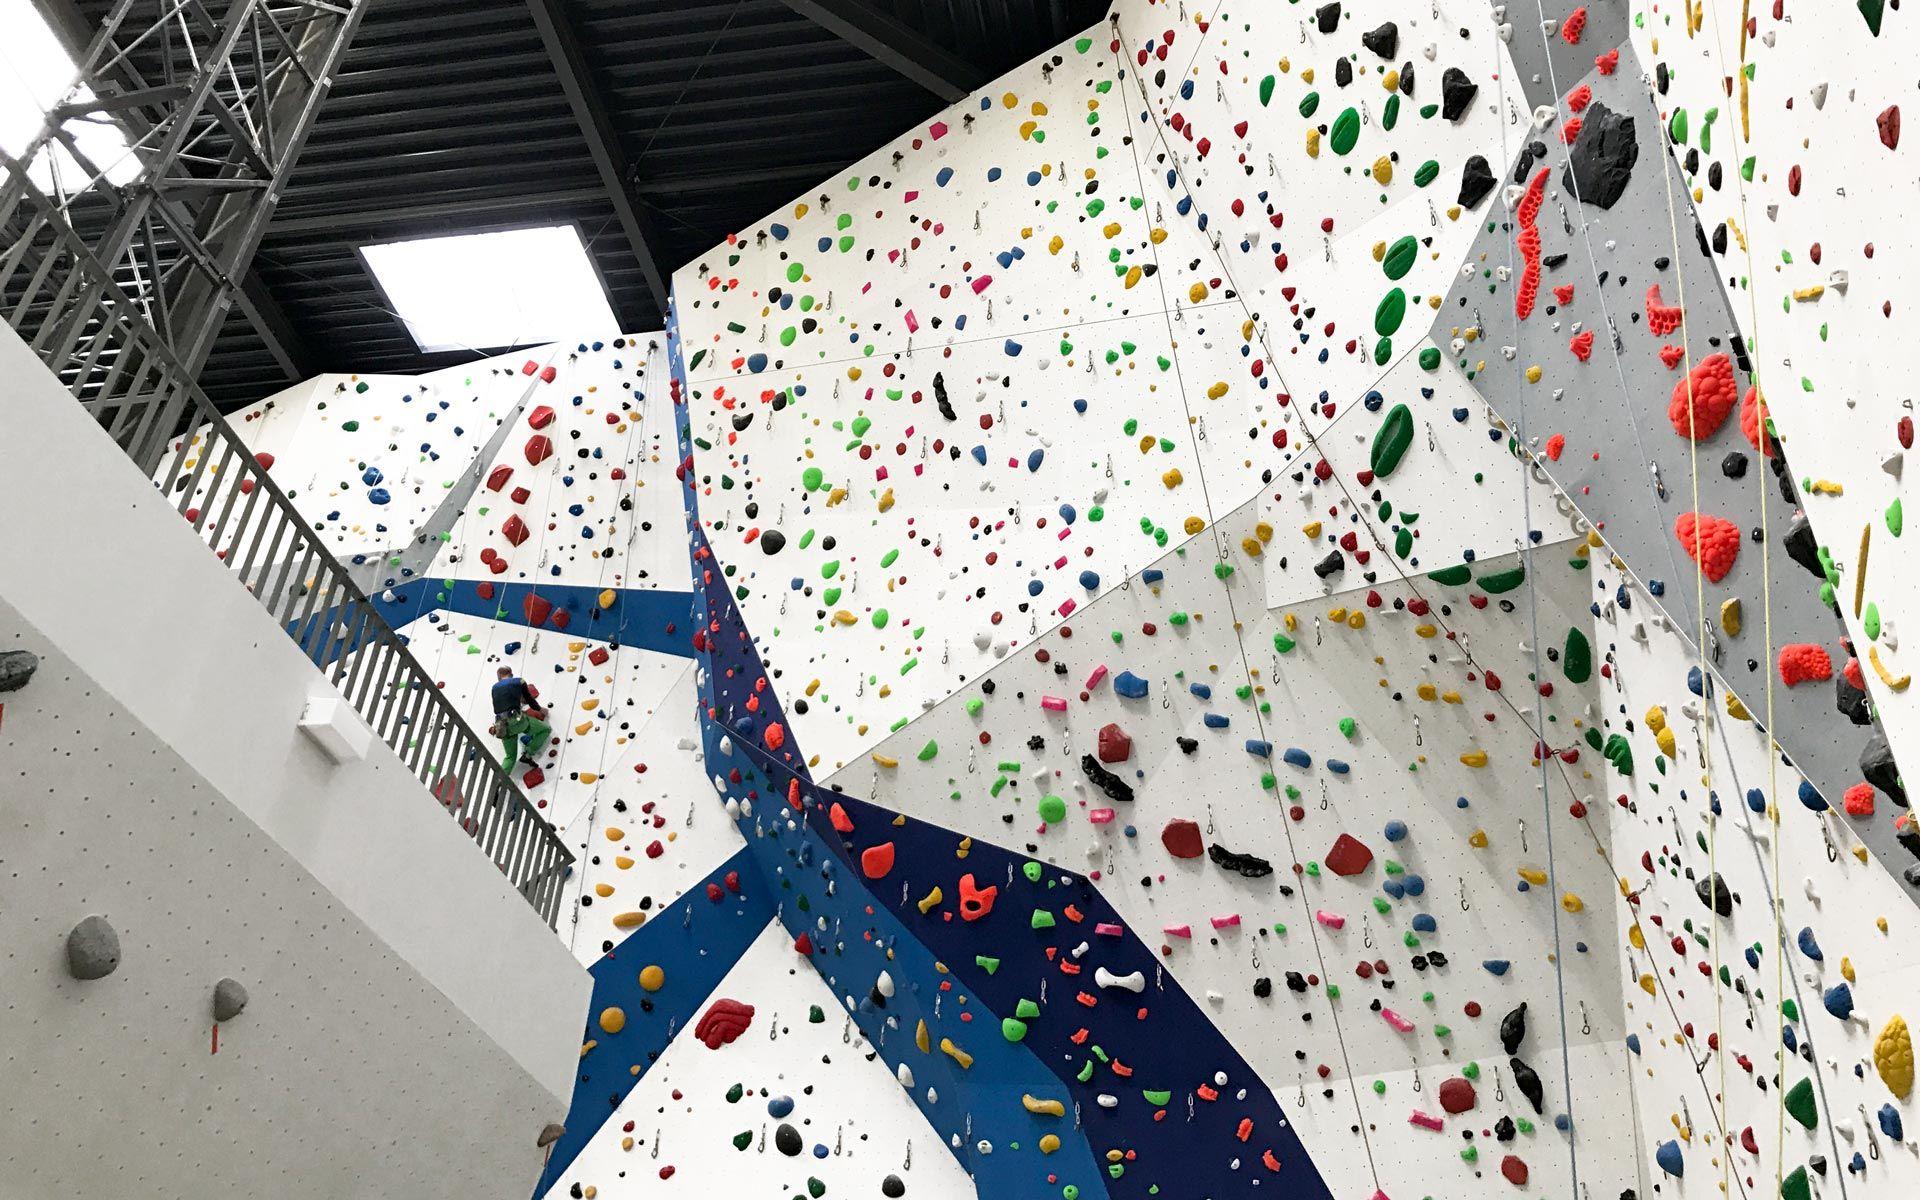 Bergstation Pre-Opening, Kletter-und Boulderhalle Hilden, Freeclimbing